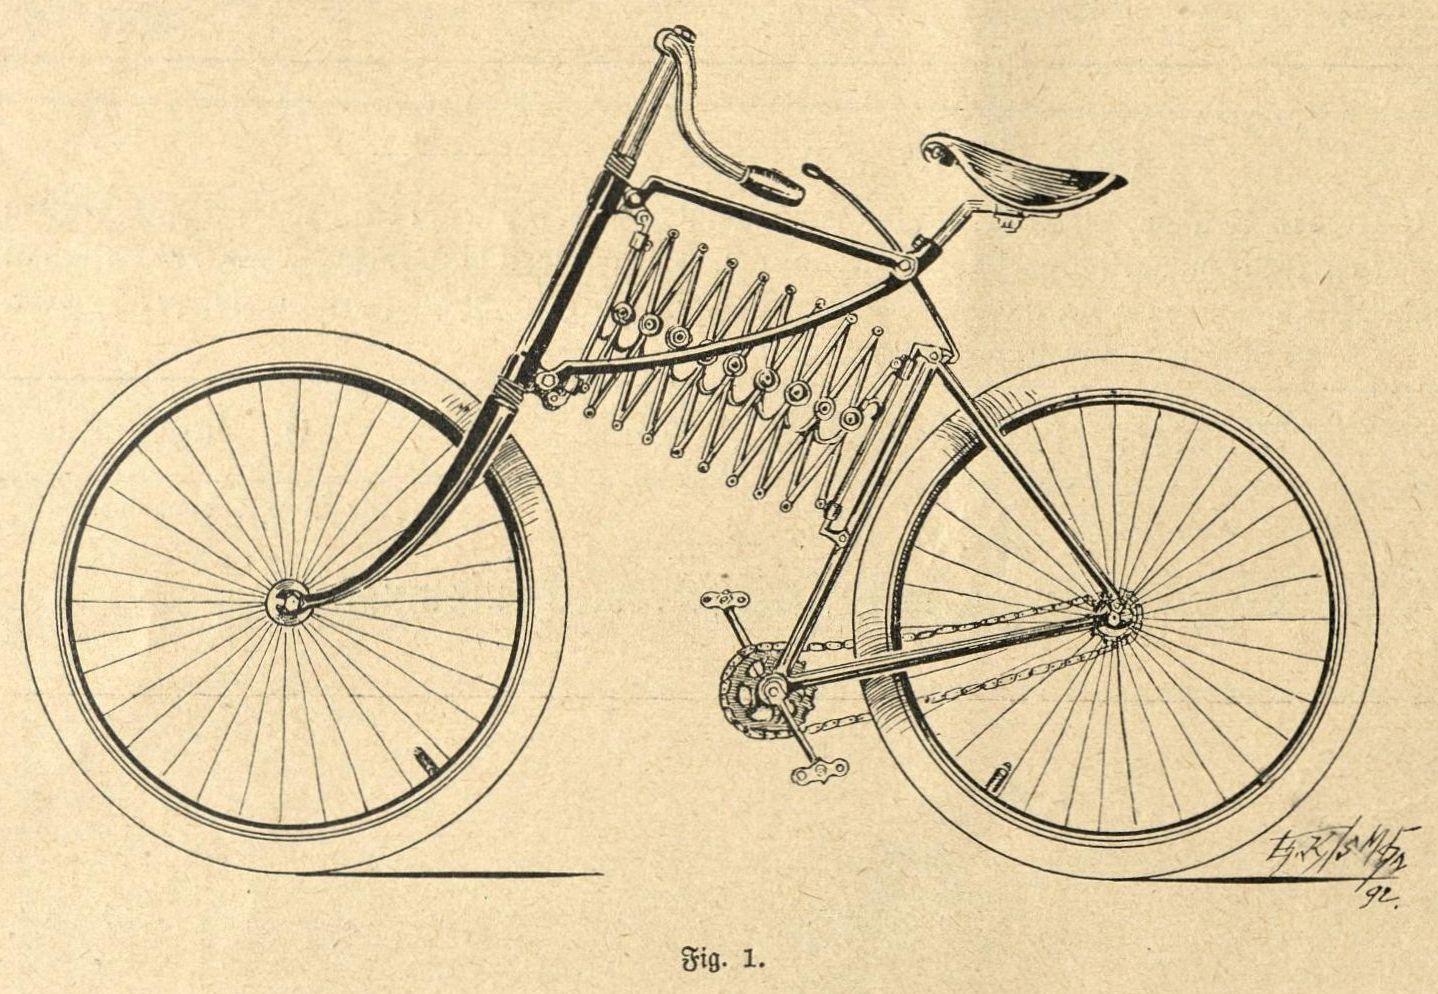 Bild: Konstruktionszeichnung des Blitzfedermechanismus